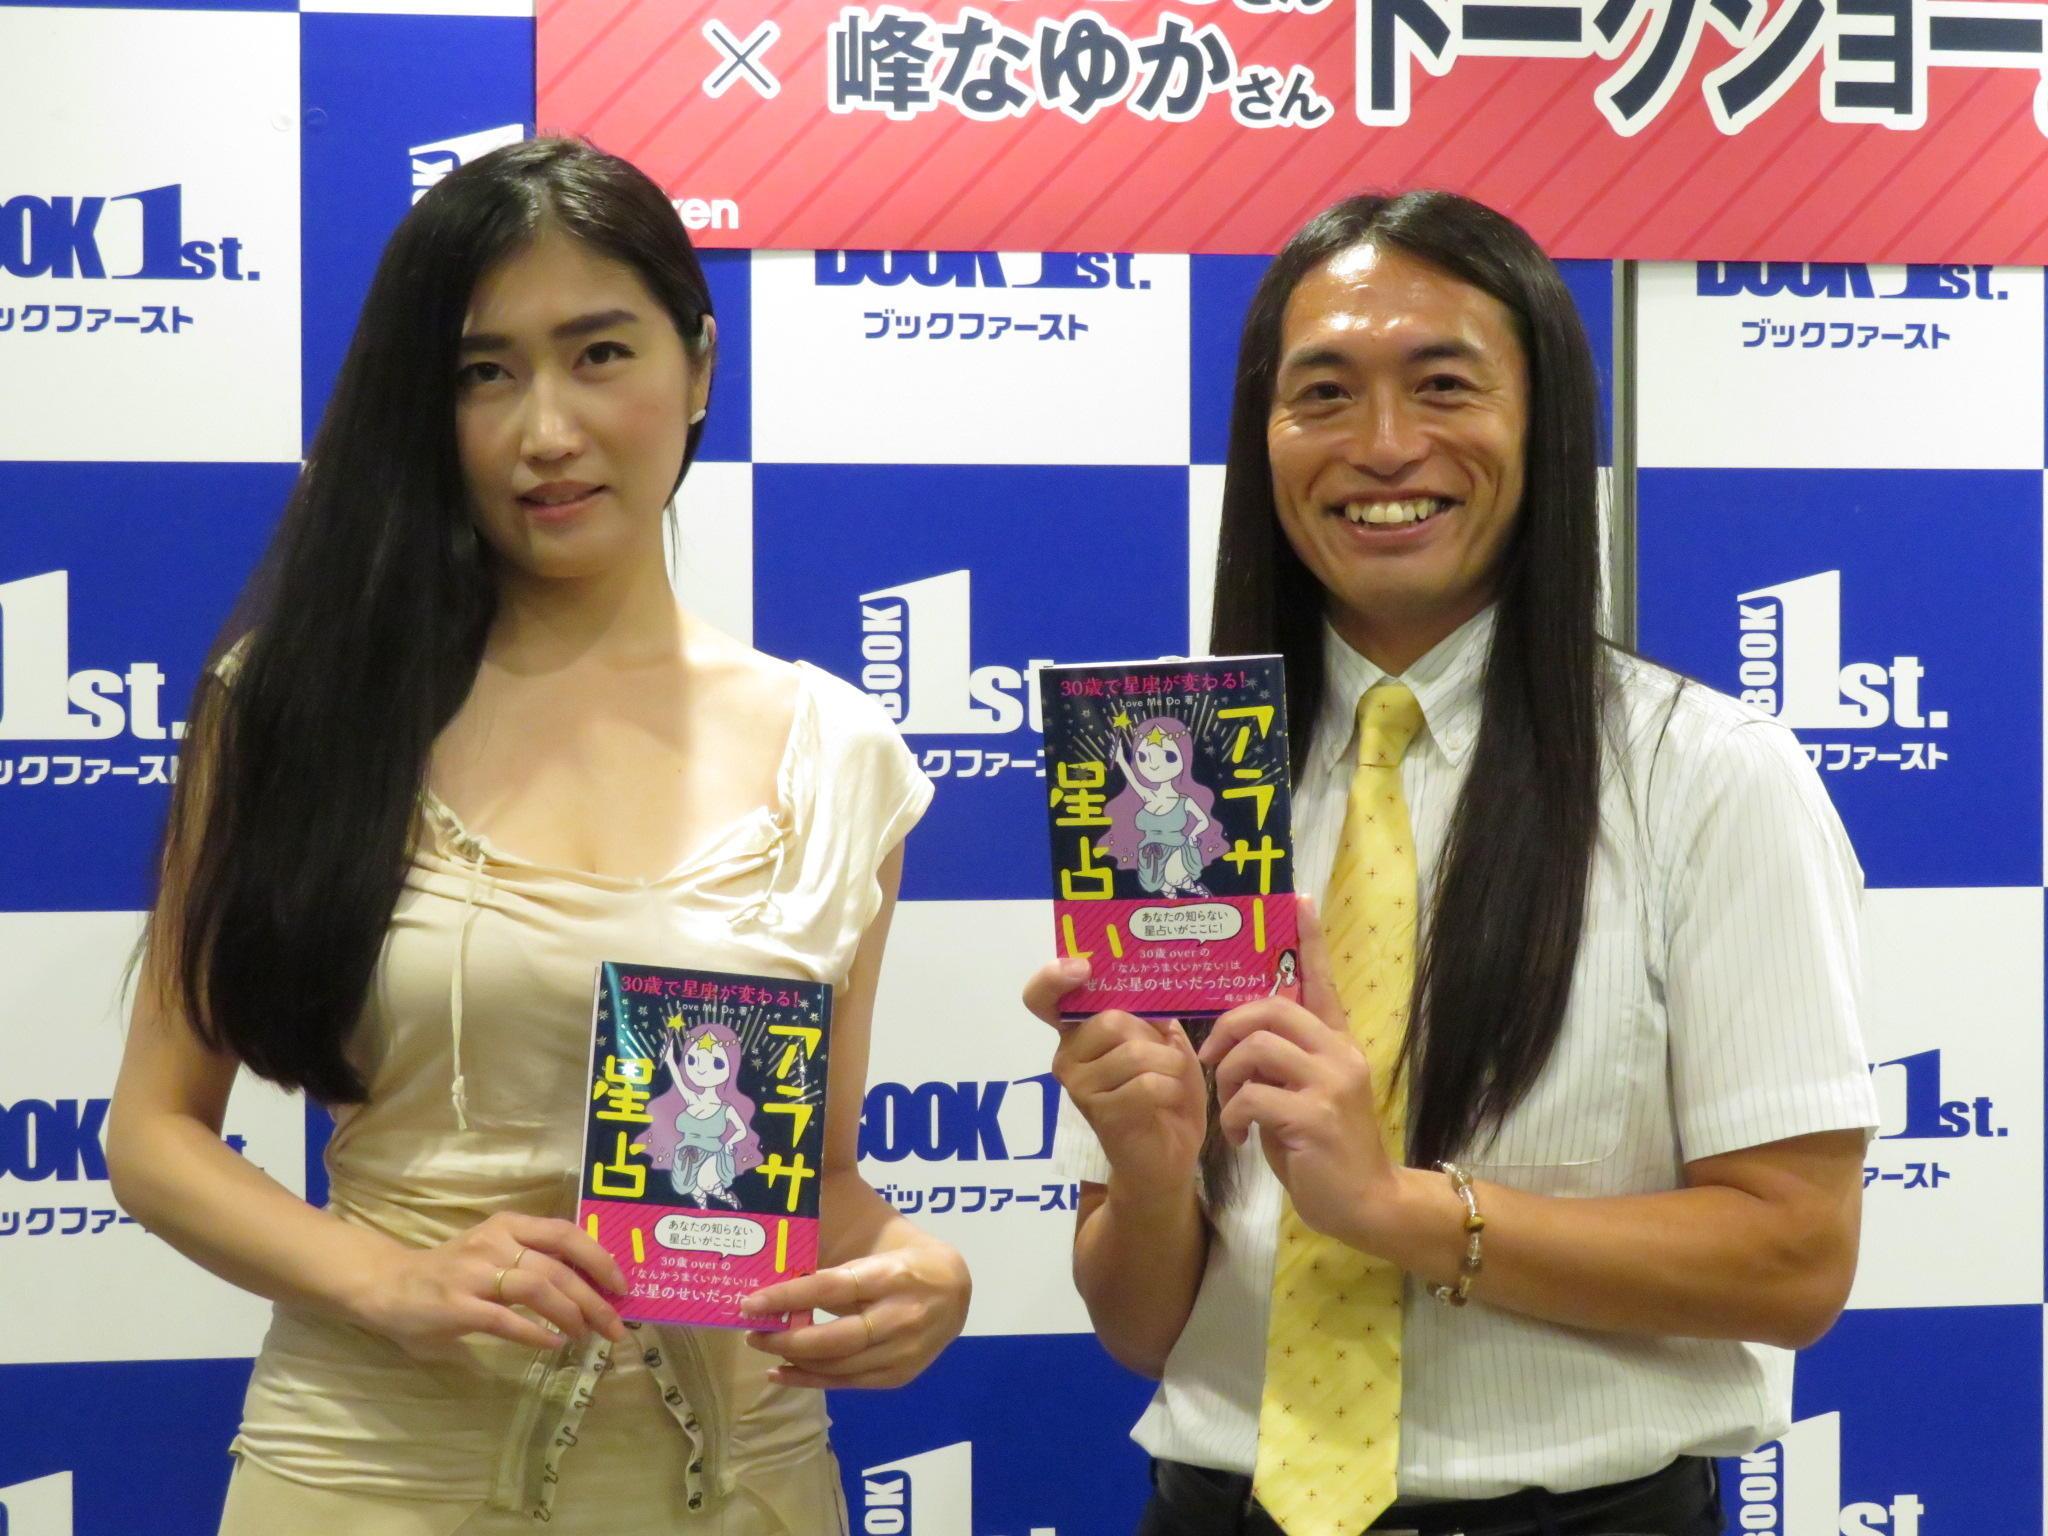 http://news.yoshimoto.co.jp/20180913224953-0a11ef4d2101d5043c79b0be5ed5221cafe3d69b.jpg